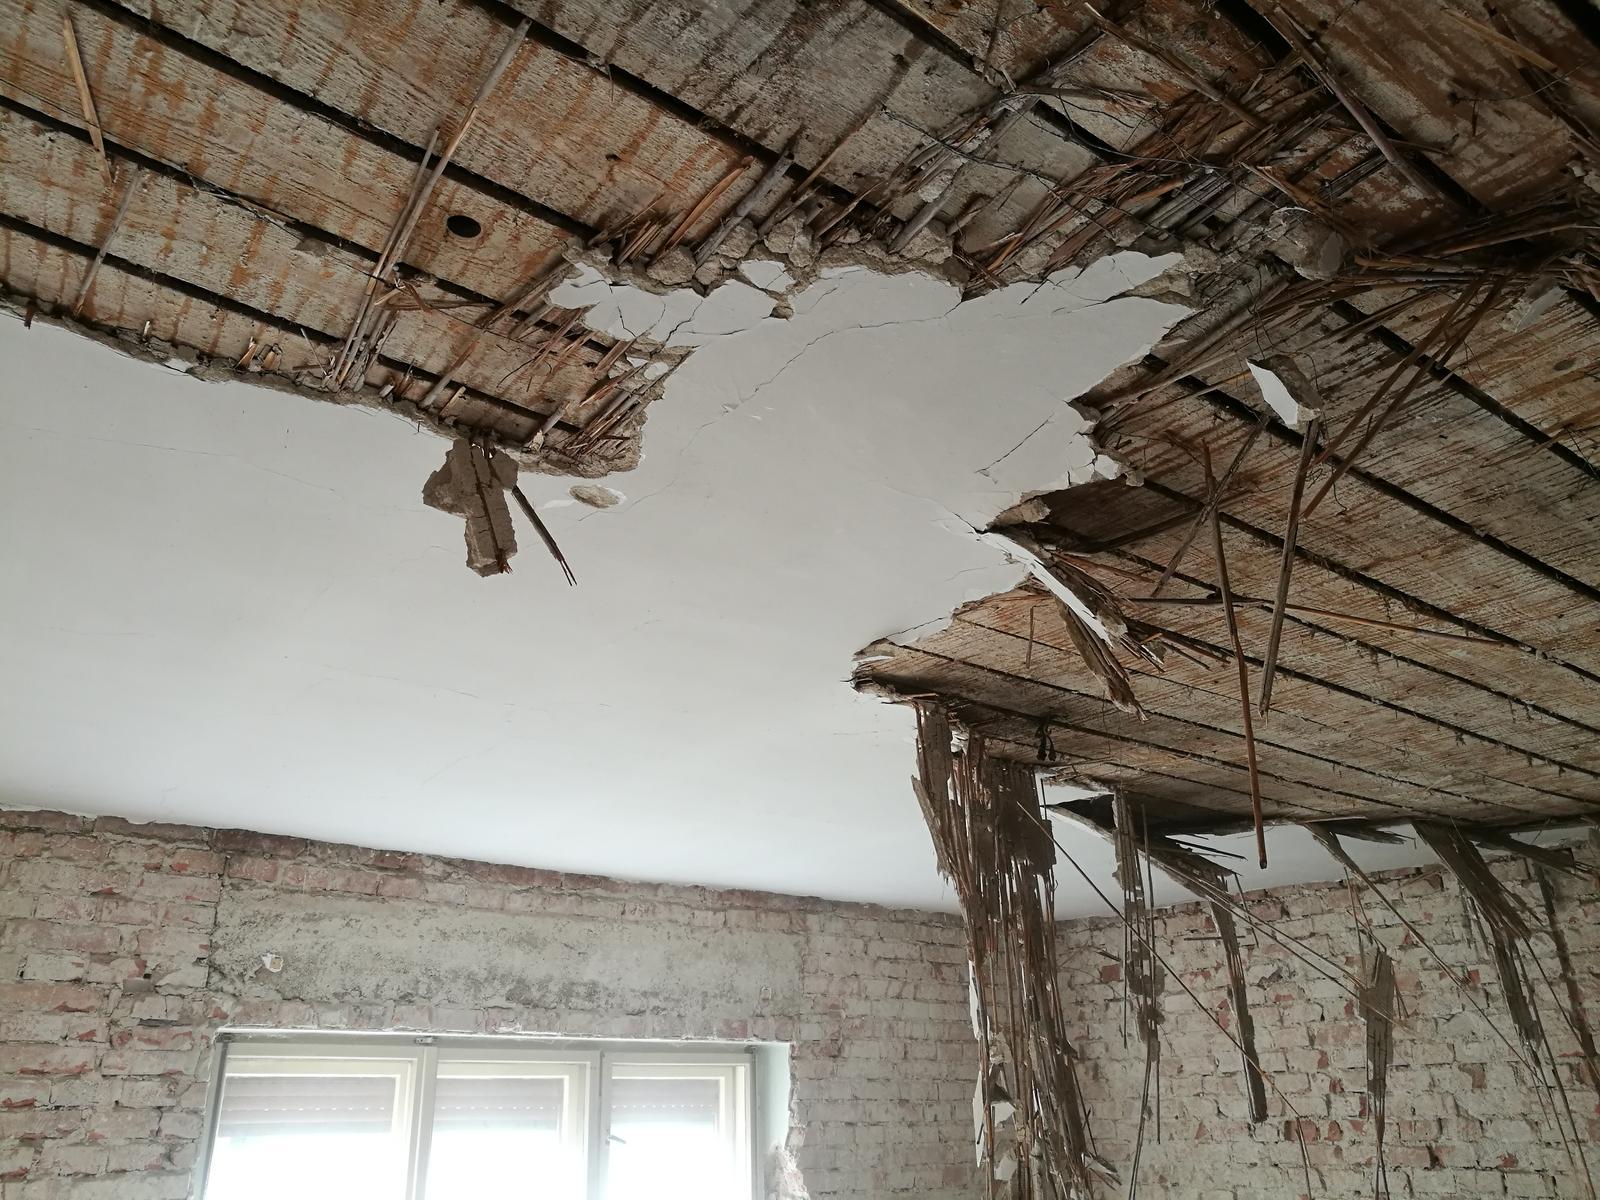 Náš budúci domov - rekonštrukcia rodinného domu - Najlepše to šlo dole s rýľom